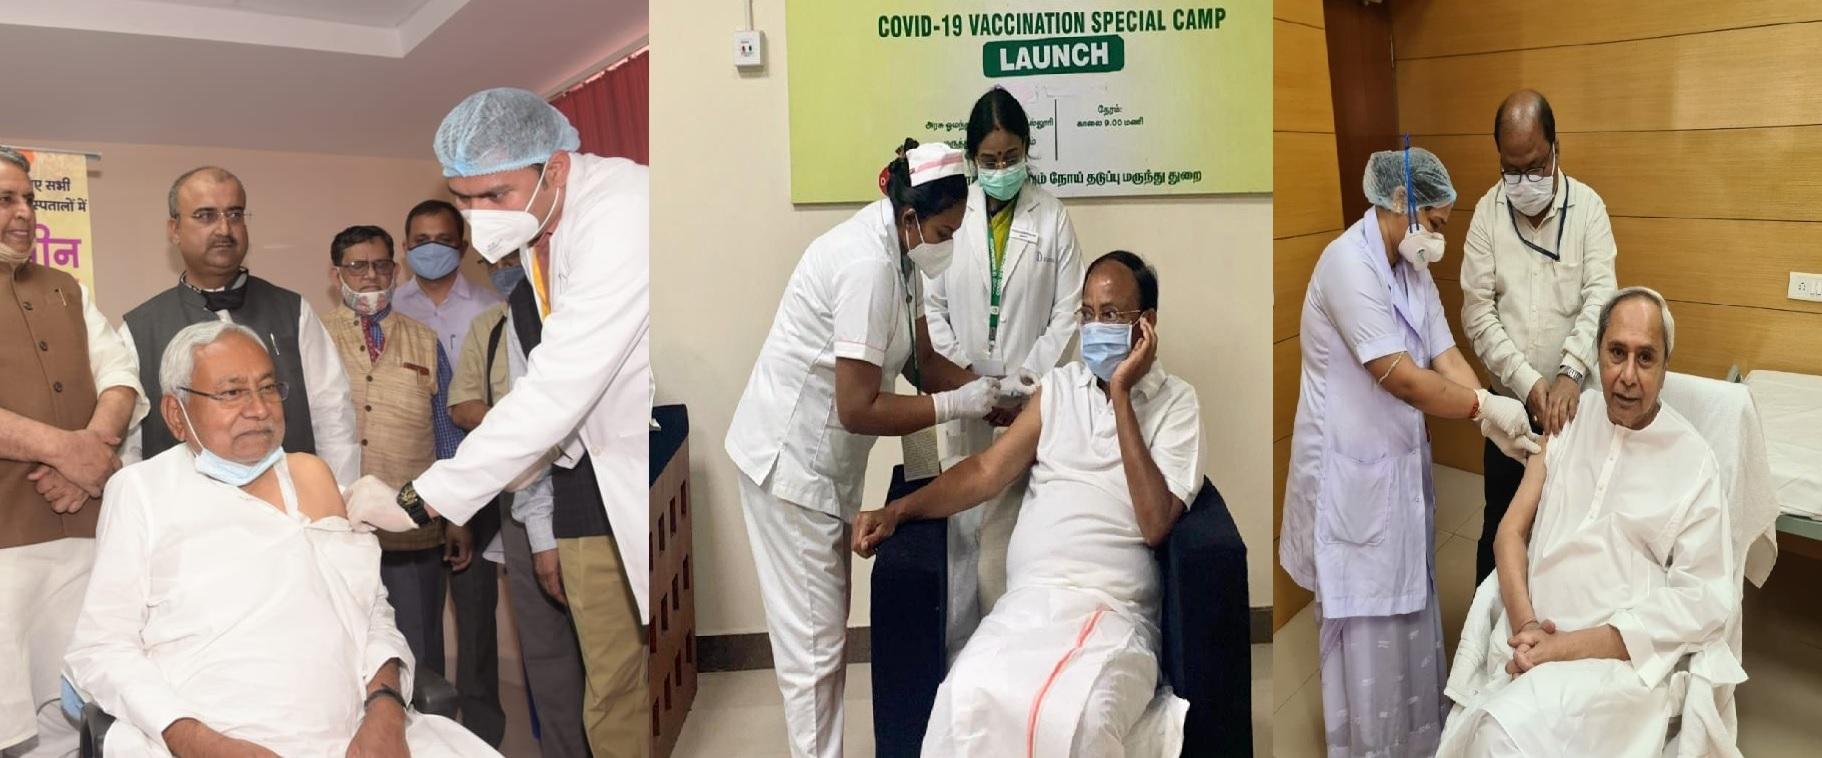 पीएम मोदी के बाद कई नेताओं ने लगवाई कोरोना वैक्सीन